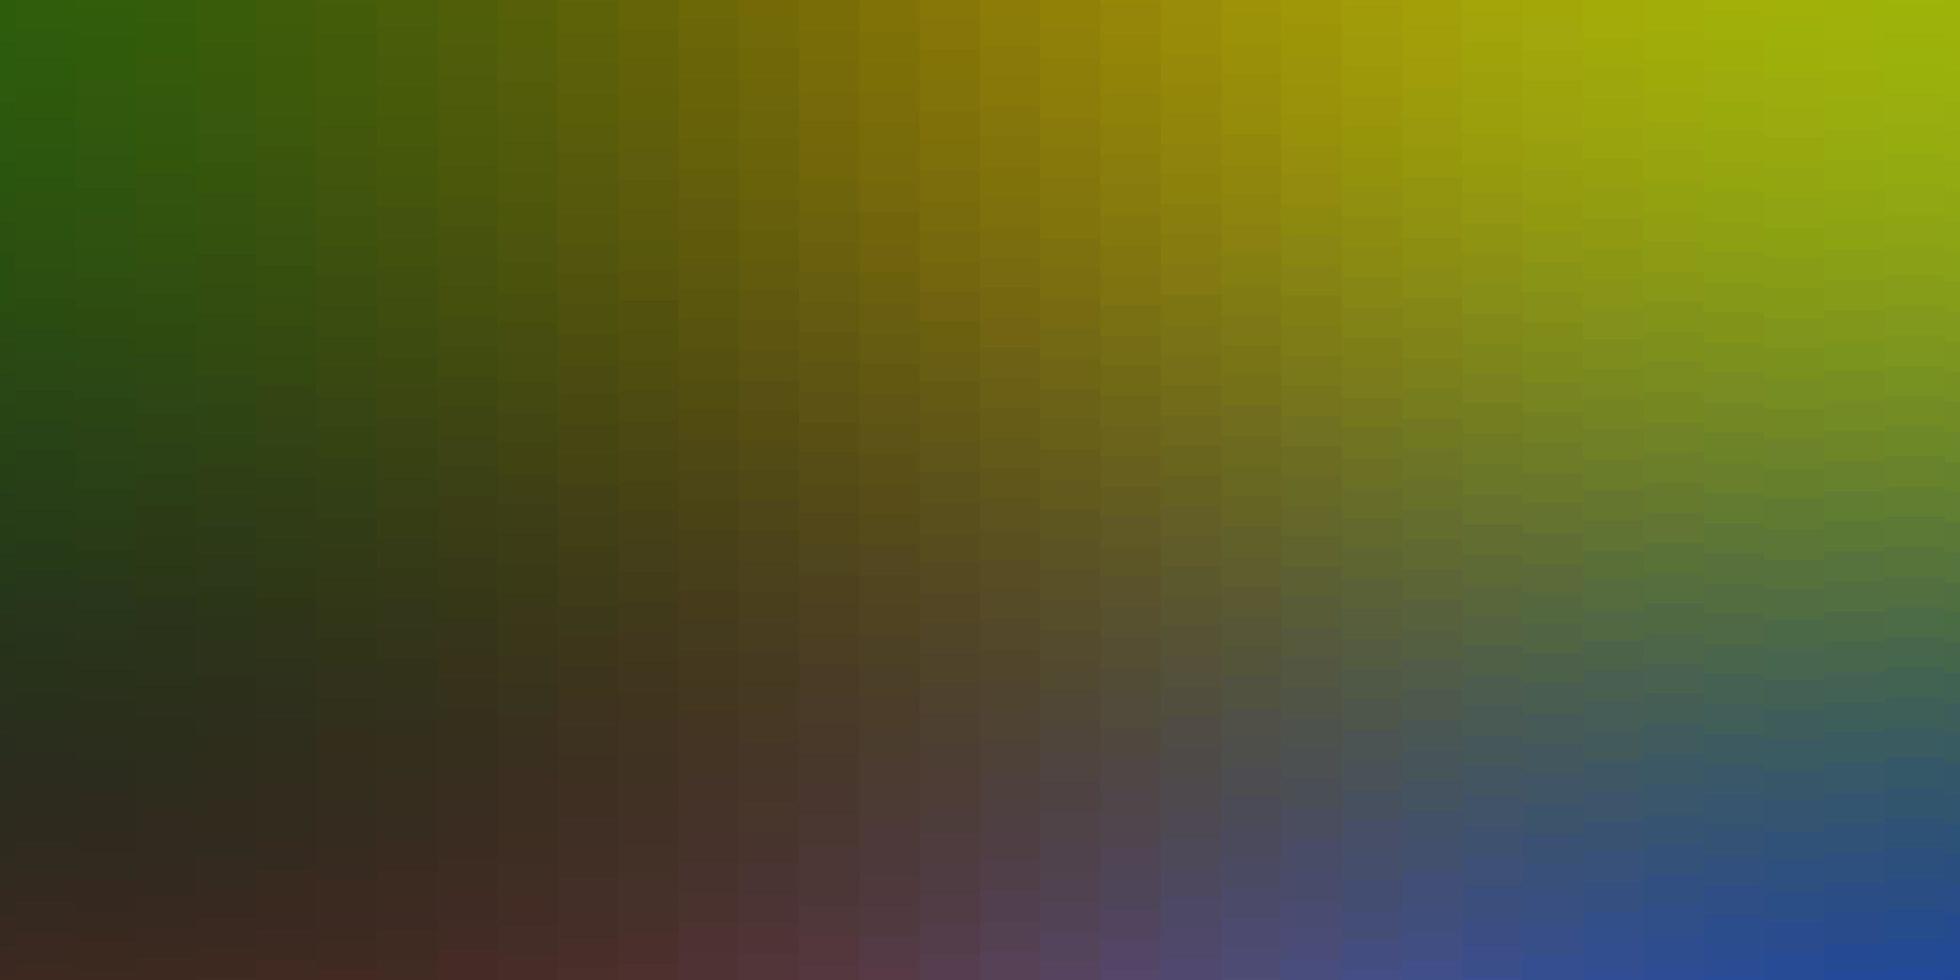 lichtblauw, geel sjabloon in rechthoeken. vector